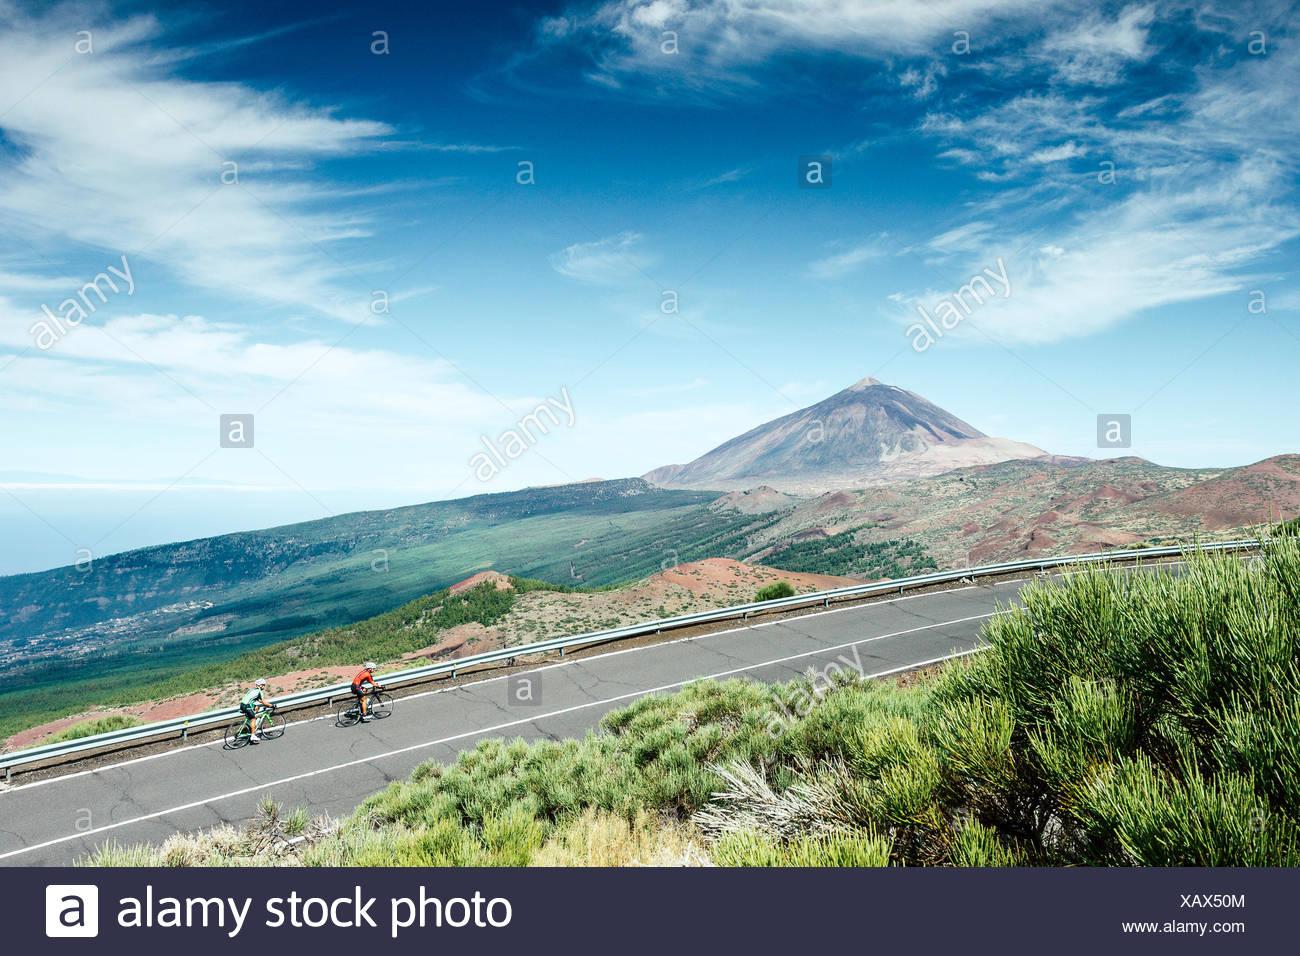 Zwei Radfahrer radeln auf Mountain Road mit Teide im Hintergrund Mount, Nationalpark Teide, Teneriffa, Kanarische Inseln, Spanien Stockfoto